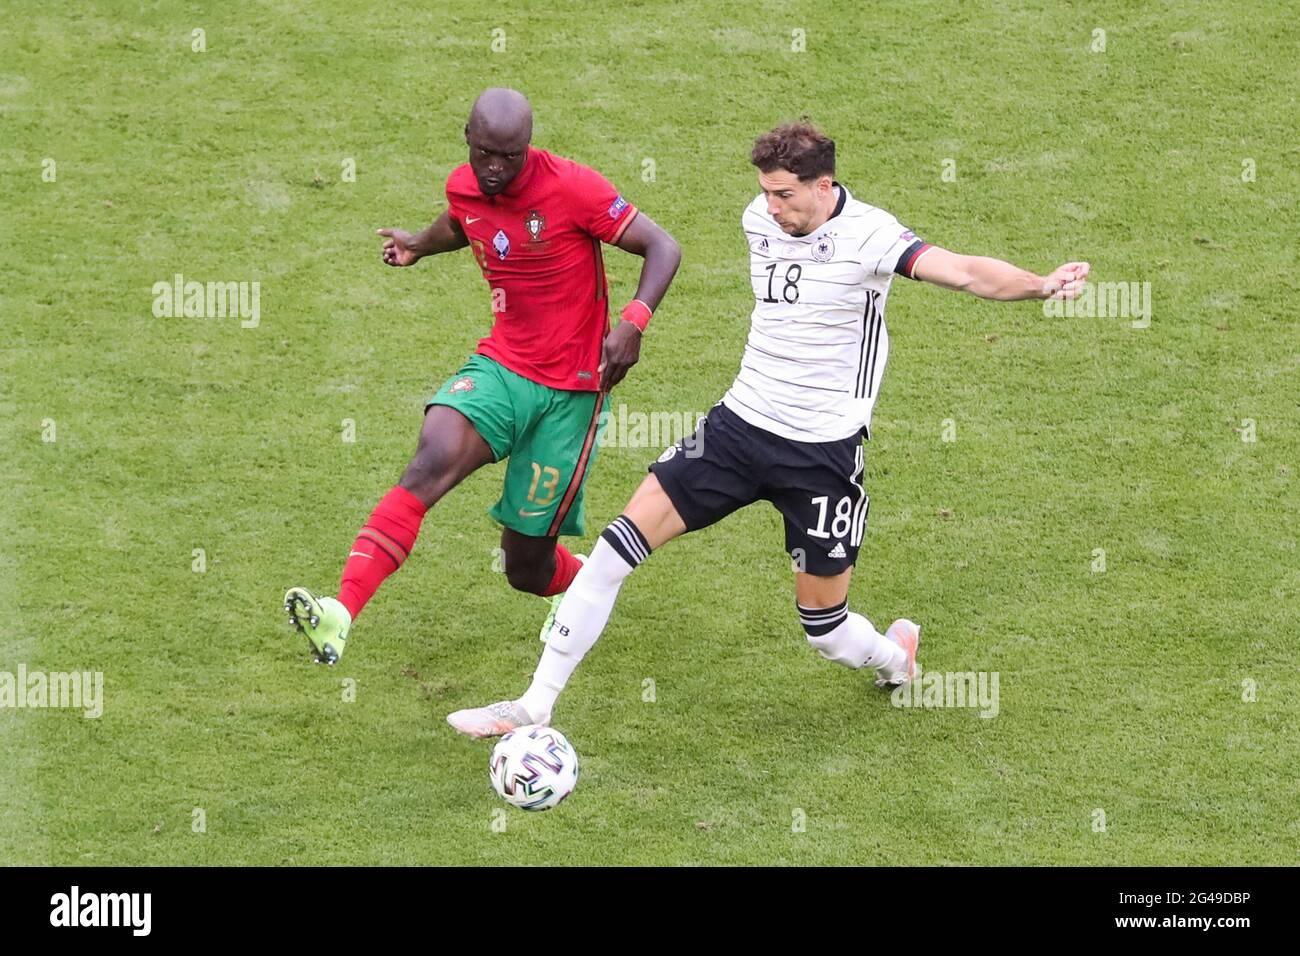 Munich, Allemagne. 19 juin 2021. Leon Goretzka (R) d'Allemagne rivalise avec Danilo Pereira du Portugal lors du championnat de l'UEFA Euro 2020 du Groupe F à Munich, en Allemagne, le 19 juin 2021. Credit: Shan Yuqi/Xinhua/Alay Live News Banque D'Images